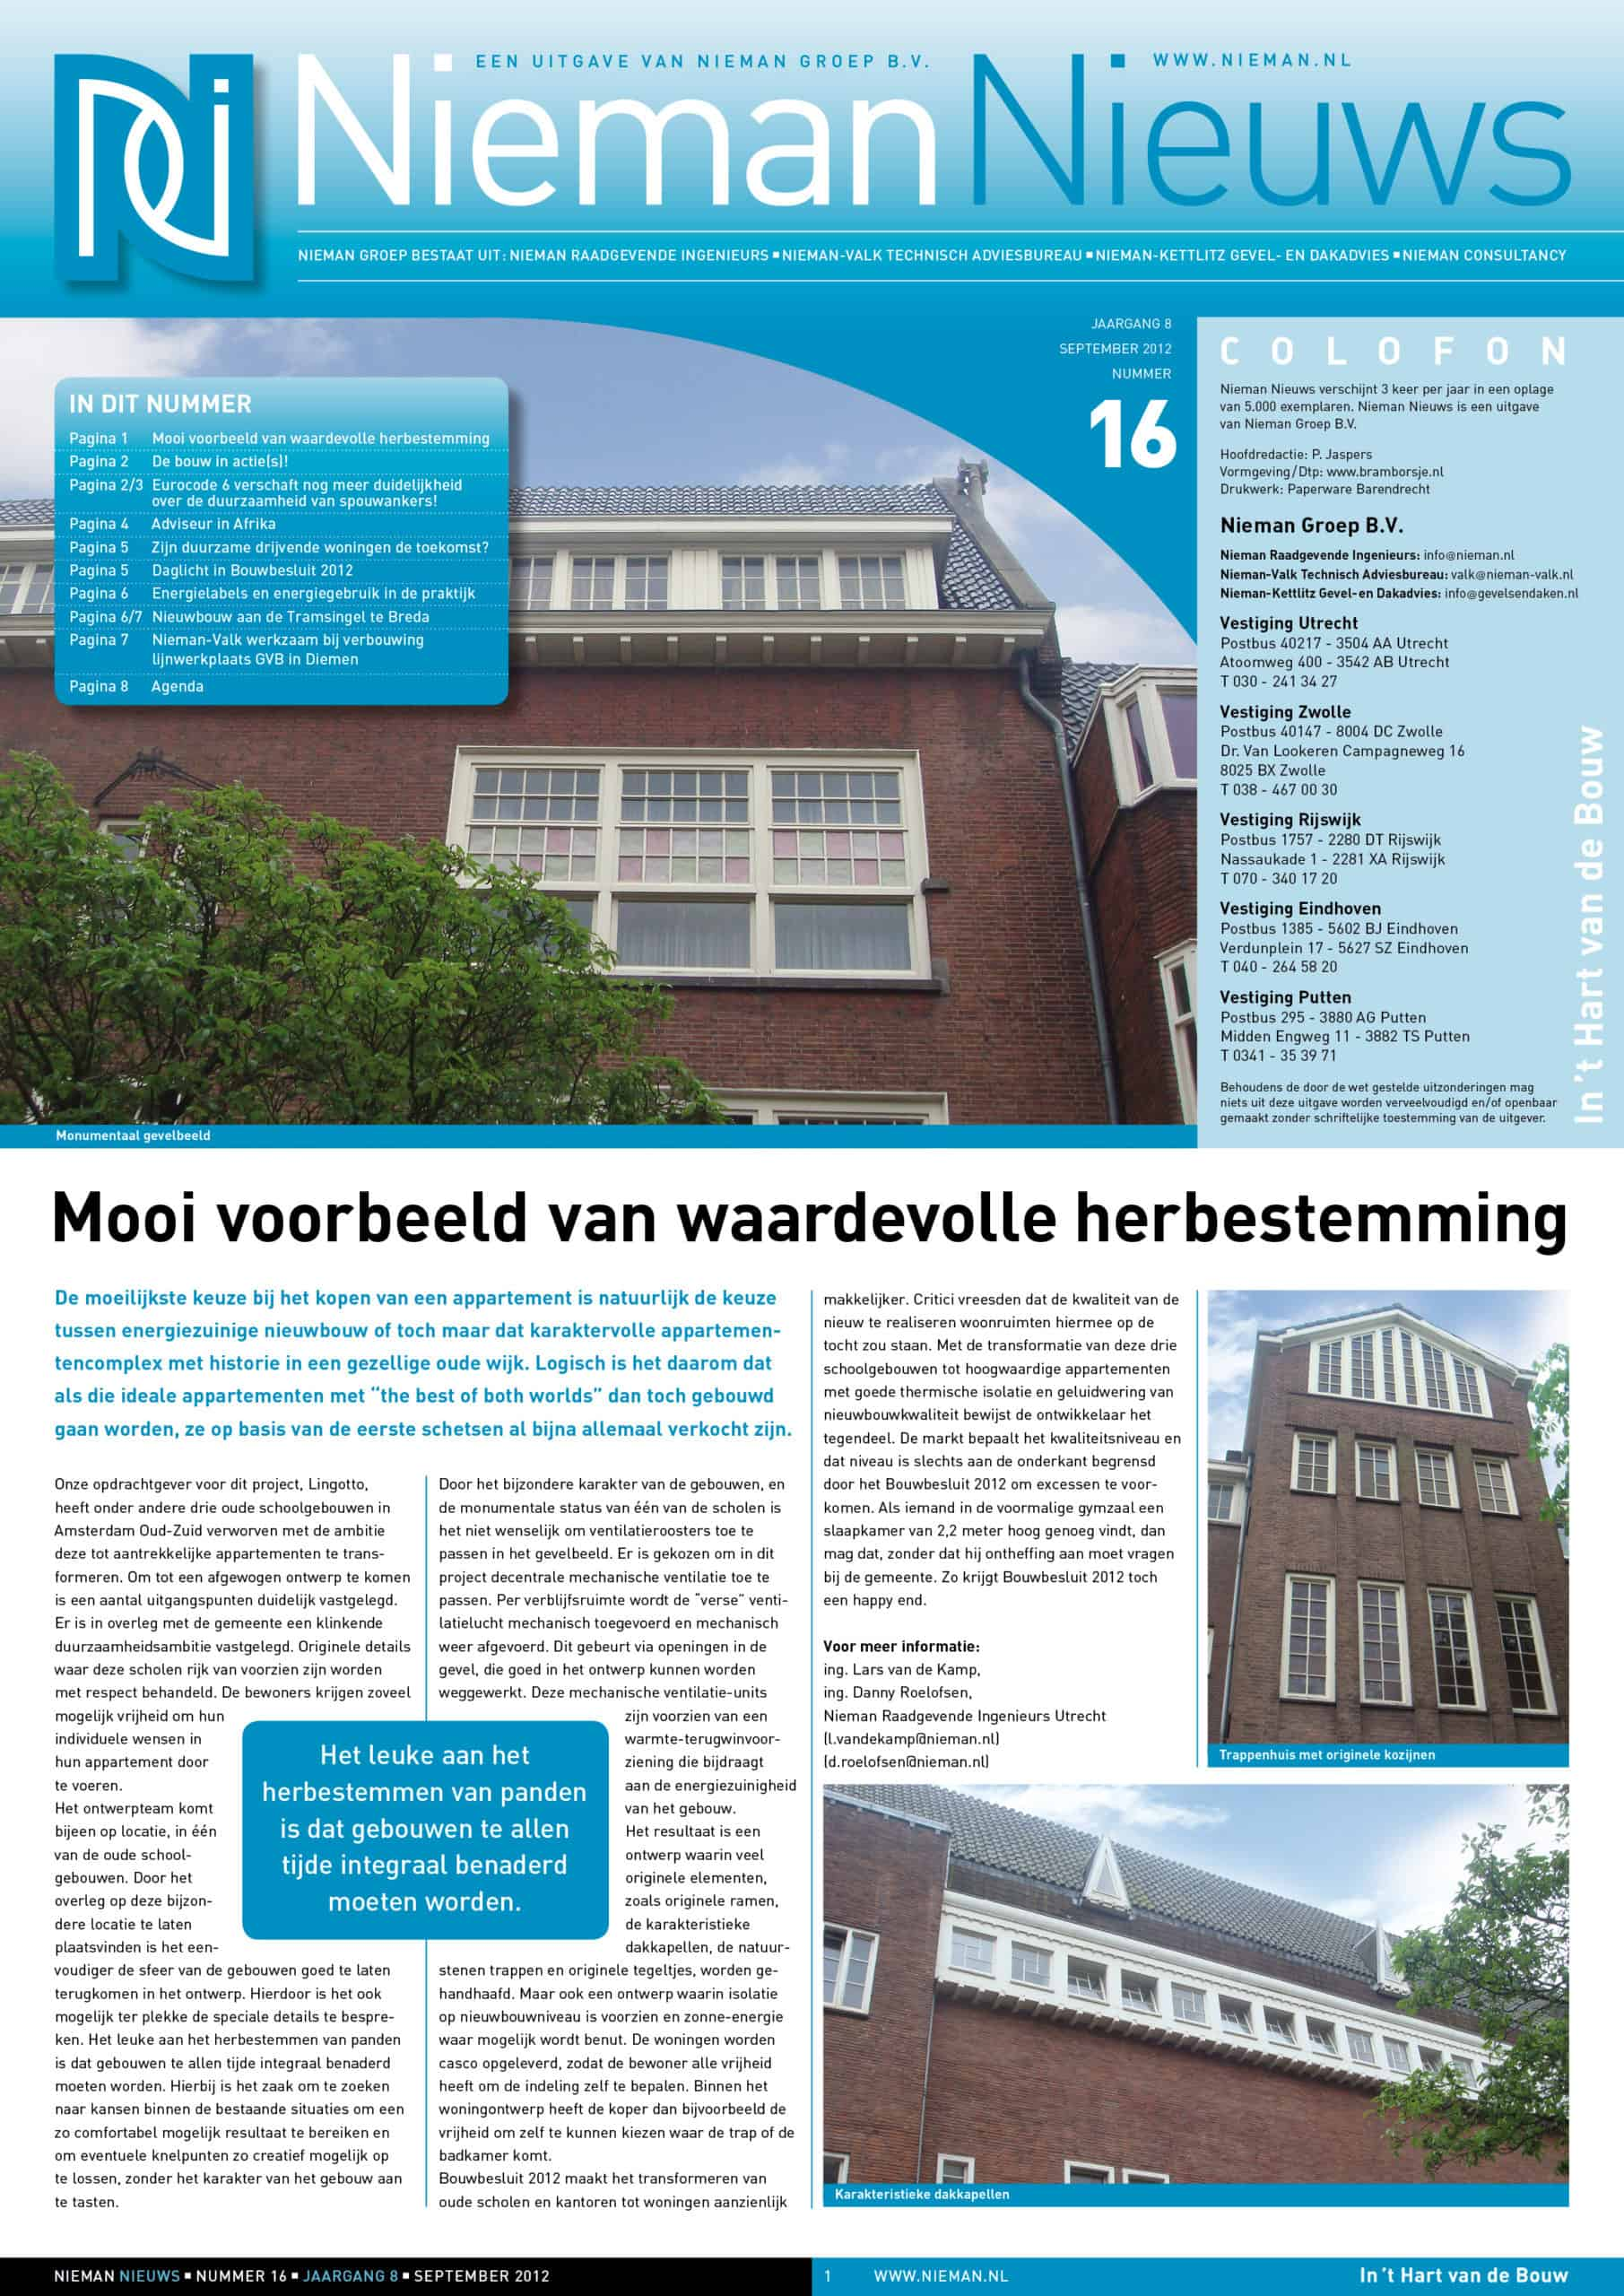 Nieman-Nieuws_internet-Krant-16_2012-09_voorpagina-1-scaled